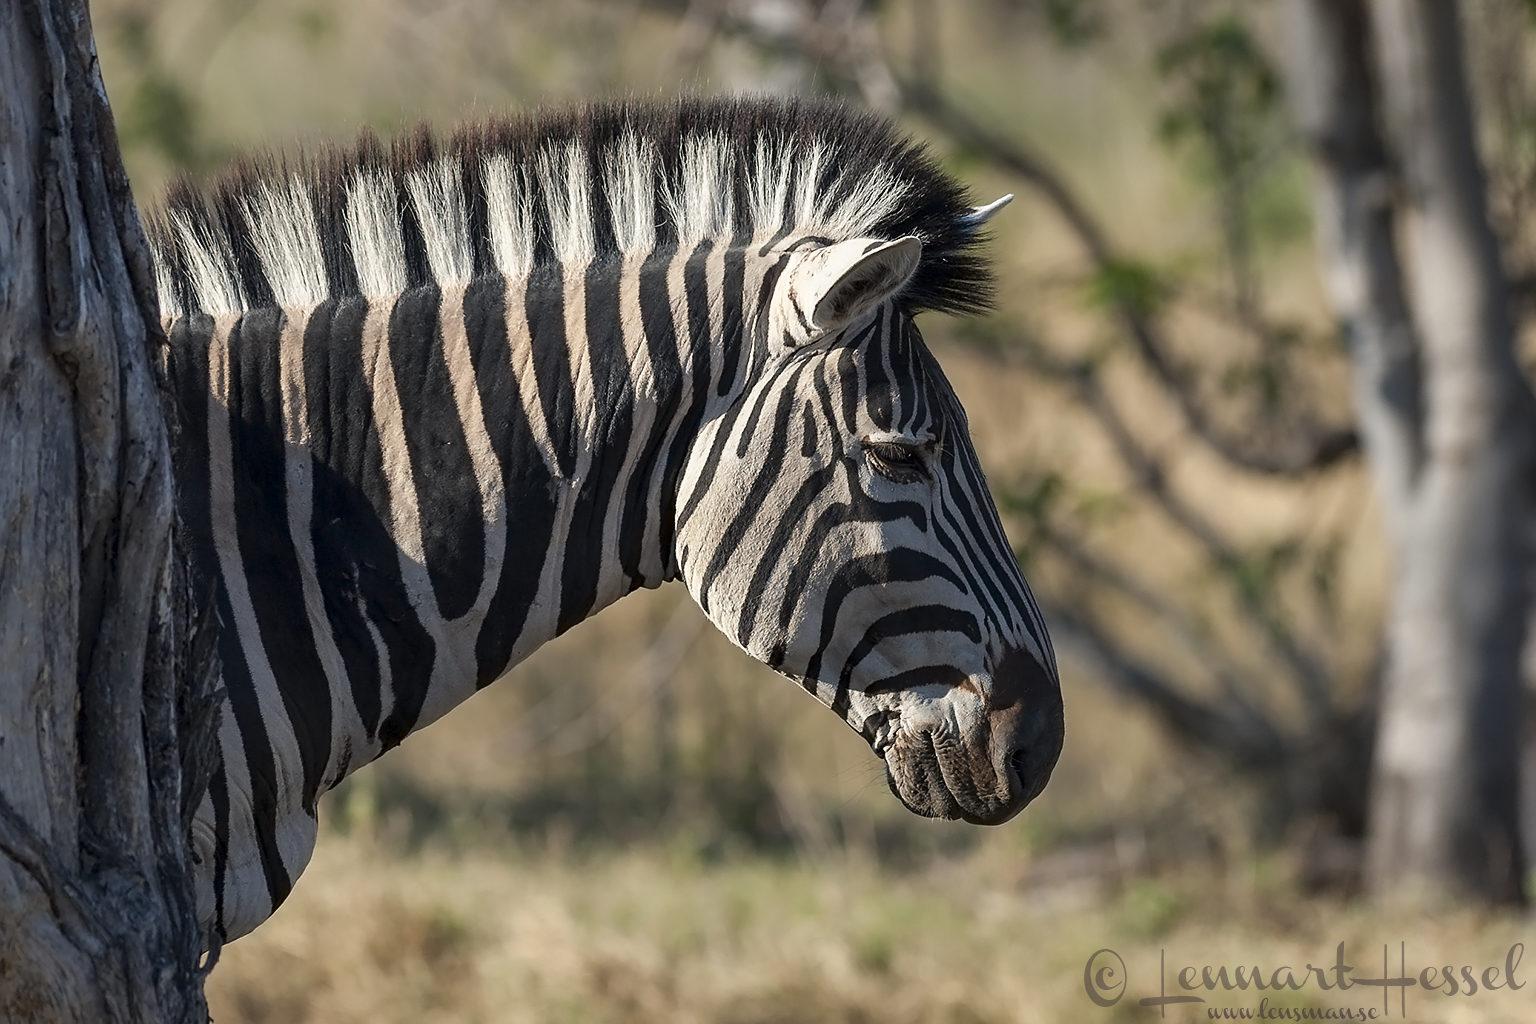 Zebra in Moremi Game Reserve, Botswana